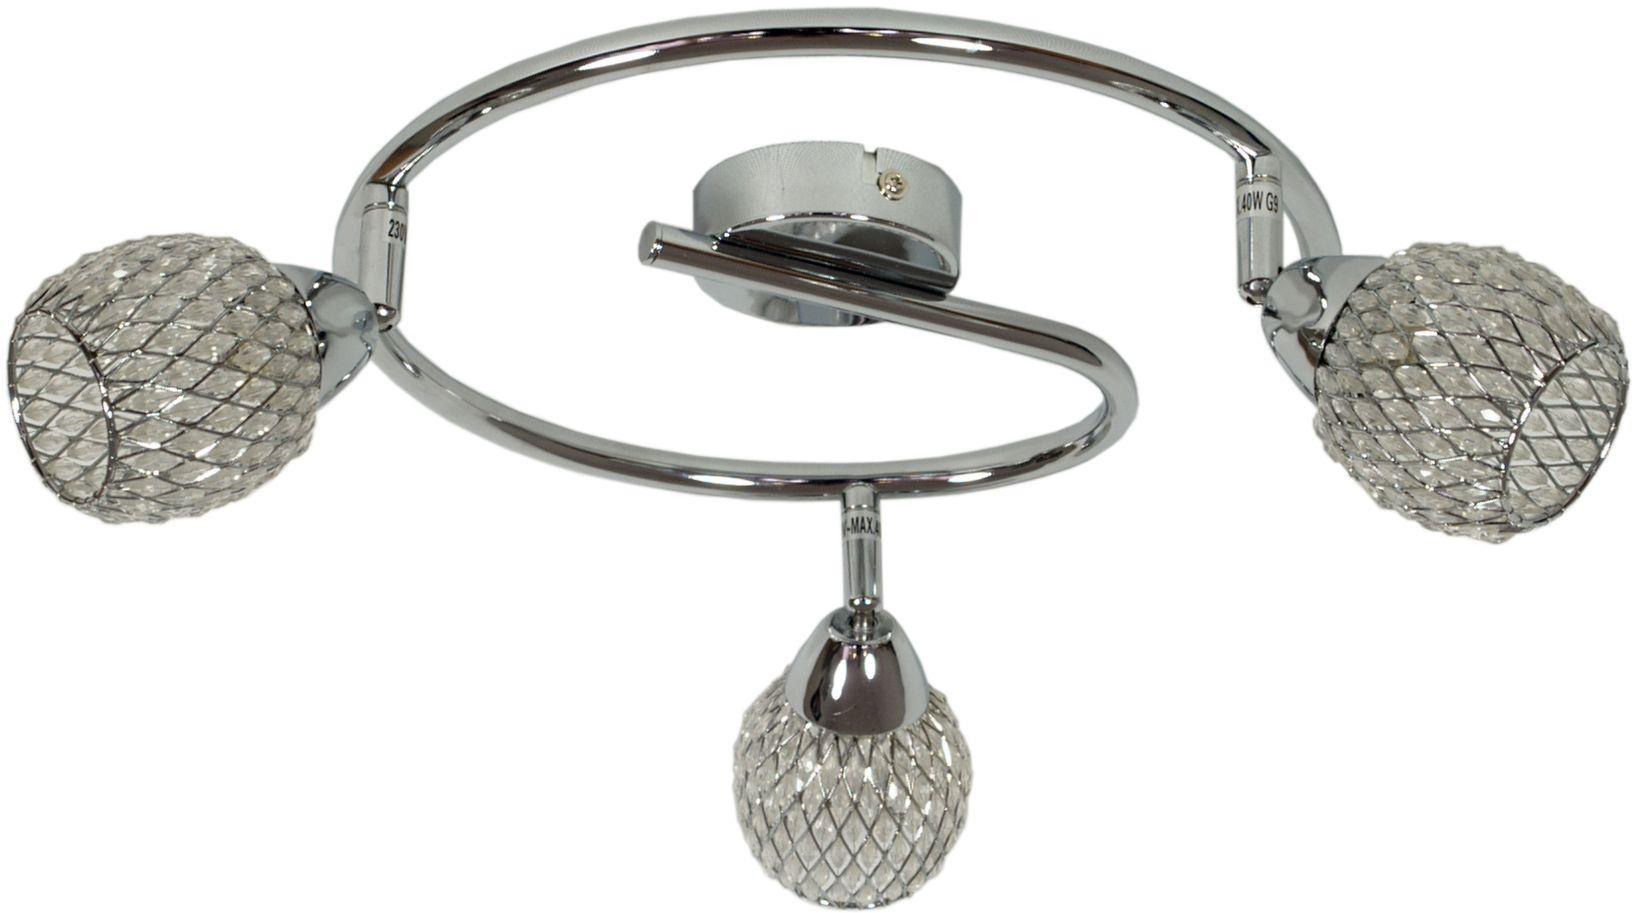 Candellux CLEAR 98-06899 plafon lampa sufitowa spirala chrom kryształki 3X40W G9 64cm